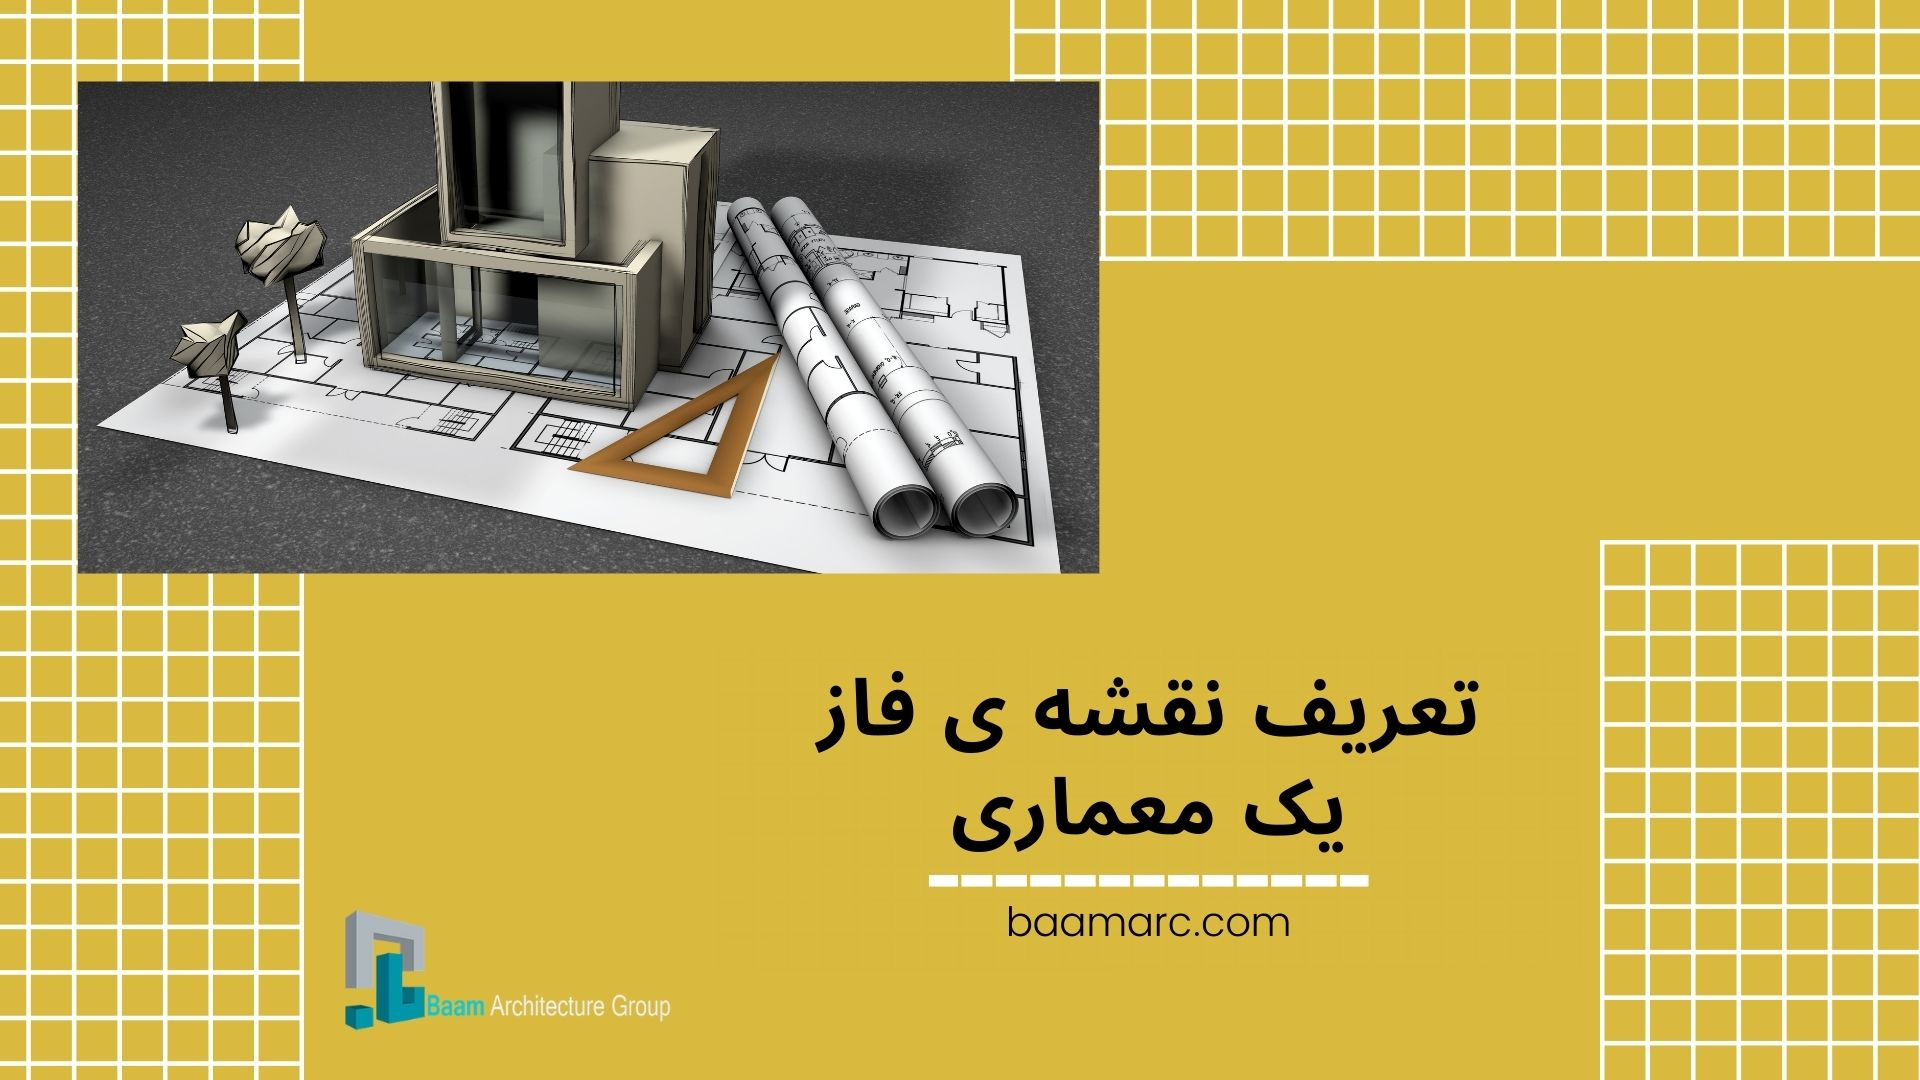 تعریف نقشه ی فاز یک معماری